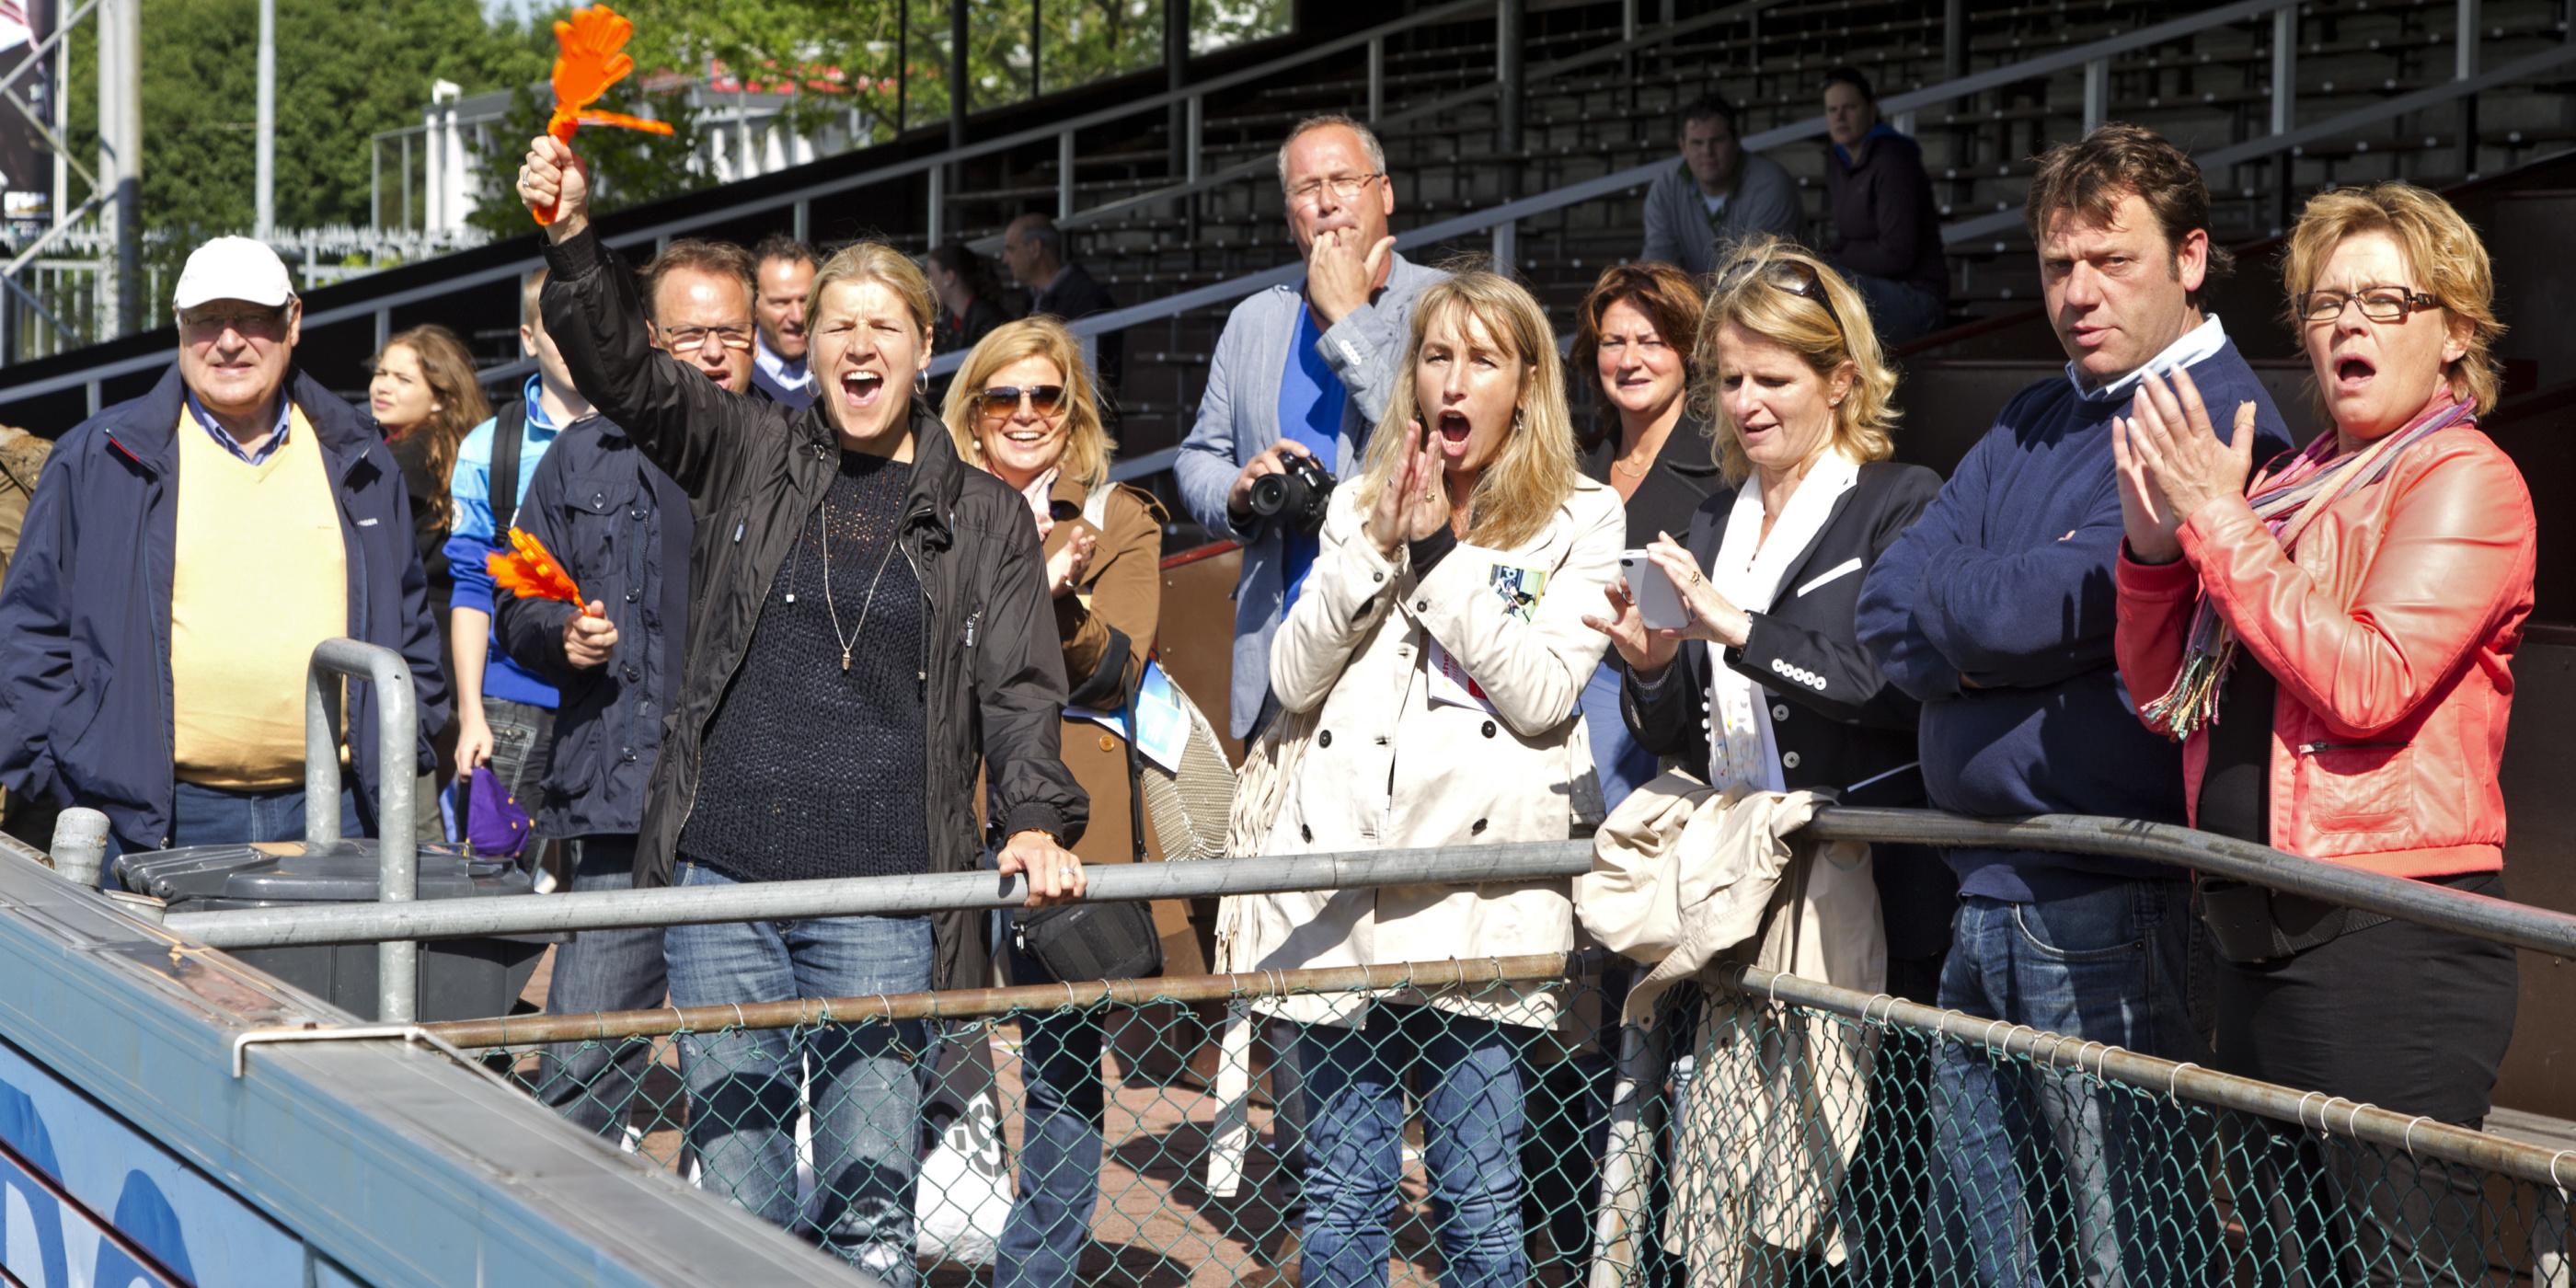 Ouders betrekken bij je vereniging? Tips & info in toolkit 'Welkom op het hockeyveld'